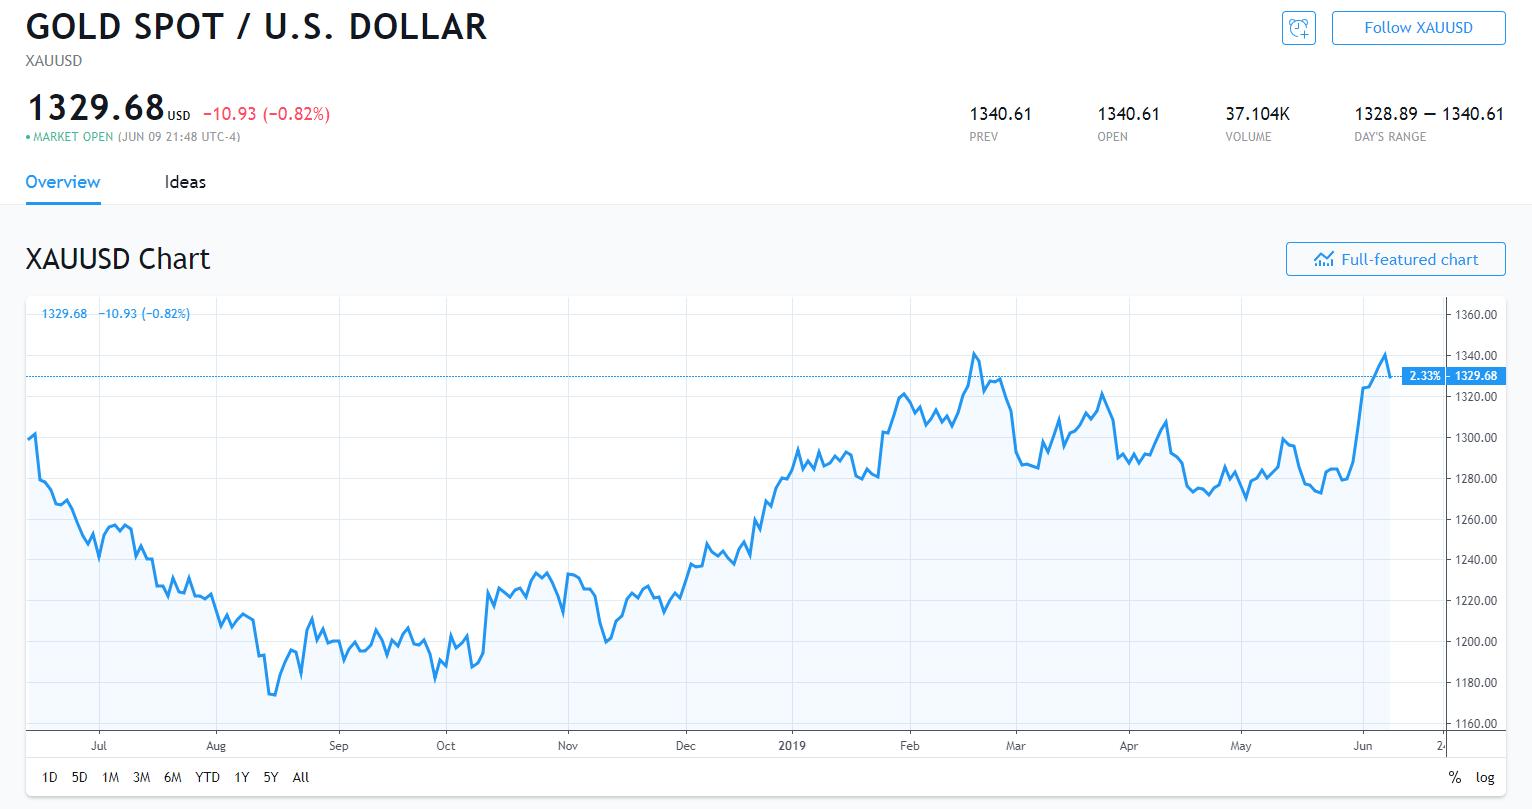 全球金融市场紧张情绪有所缓解 黄金大跌10美元 白银跌超1%